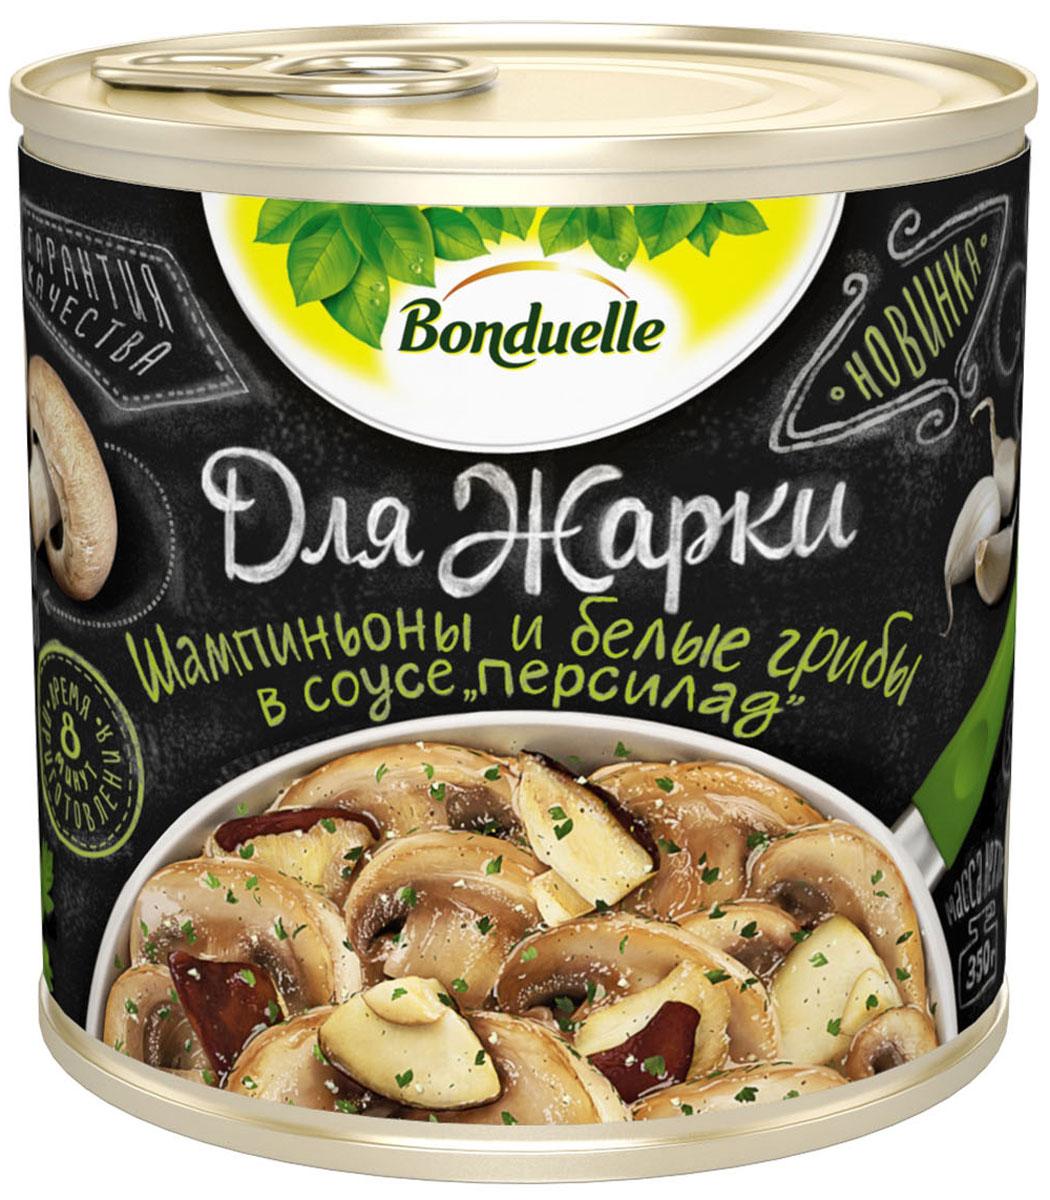 Bonduelle шампиньоны и белые грибы в соусе персилад Для жарки, 350 г5527Грибы Bonduelle Для жарки - это шампиньоны и белые грибы, собранные вручную исключительно в долине реки Луара во Франции. Настоящий прованский соус Персилад из петрушки с душистым перцем и чесноком - это то самое, восхитительное, идеальное дополнение к ним. Вы влюбитесь в это блюдо навсегда. К тому же, готовится оно всего 8 минут на сильном огне.Уважаемые клиенты! Обращаем ваше внимание, что полный перечень состава продукта представлен на дополнительном изображении.